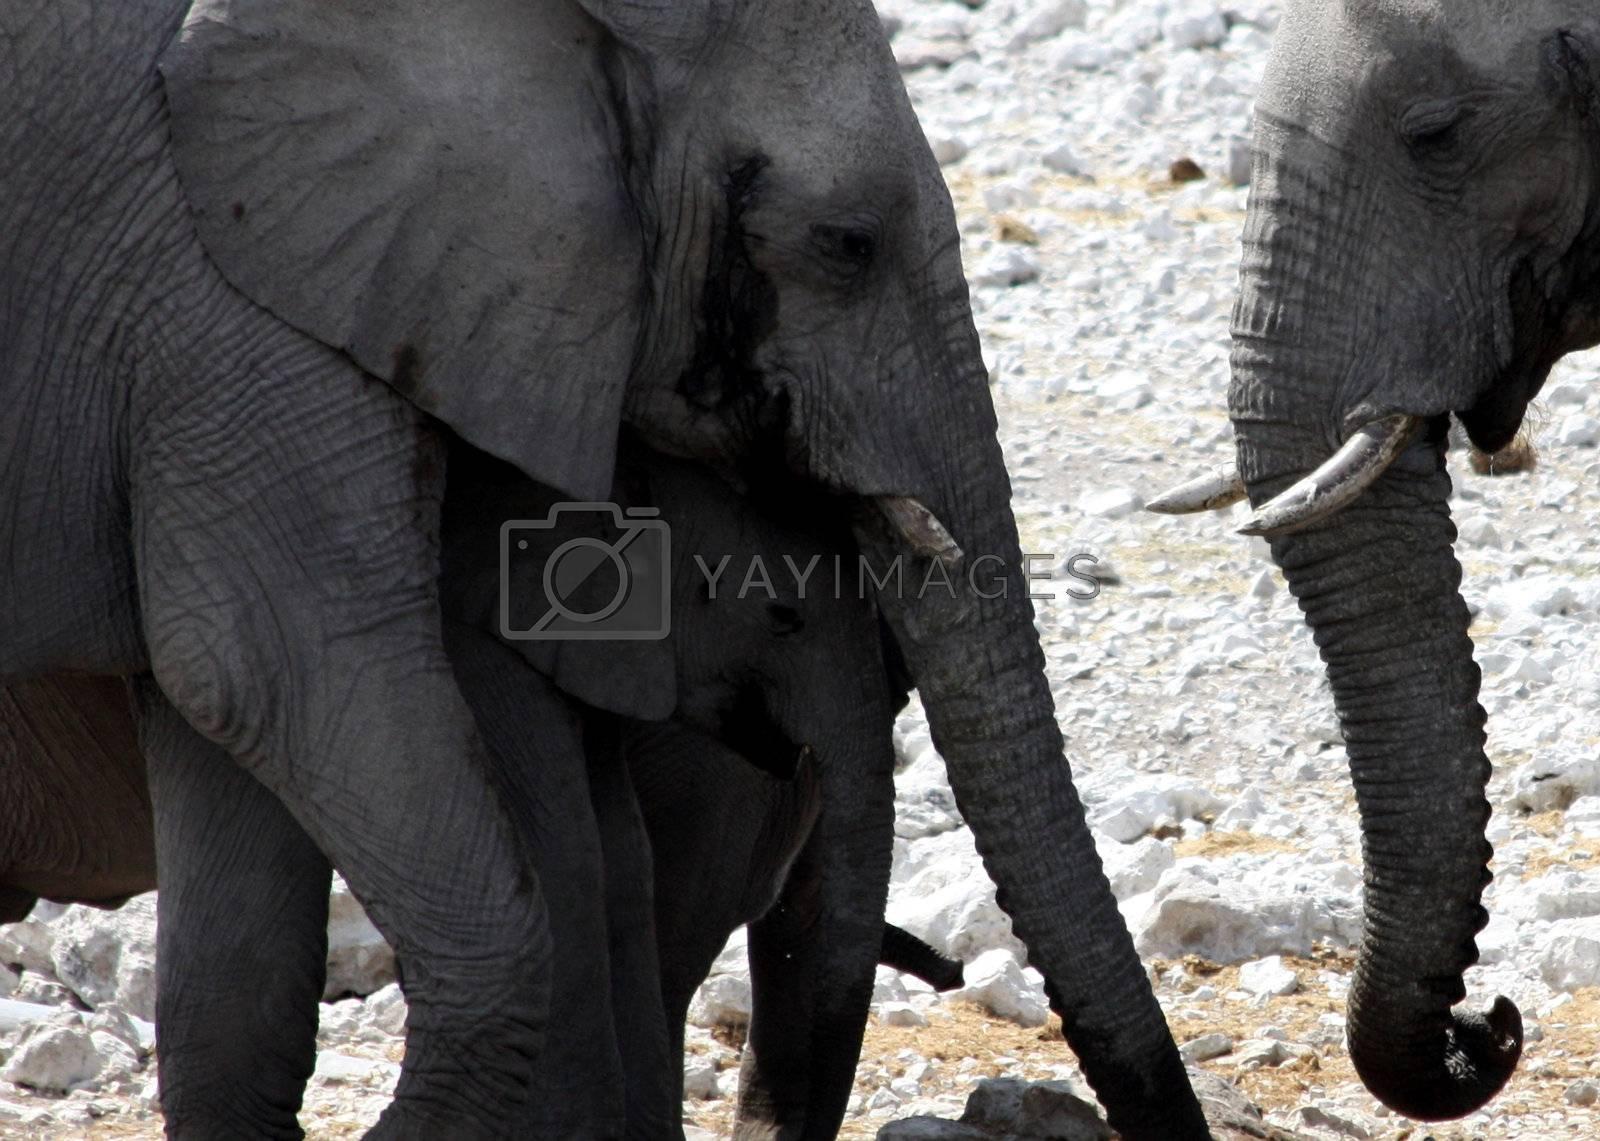 Elephants: mother and son, Namibia, Etosha Park